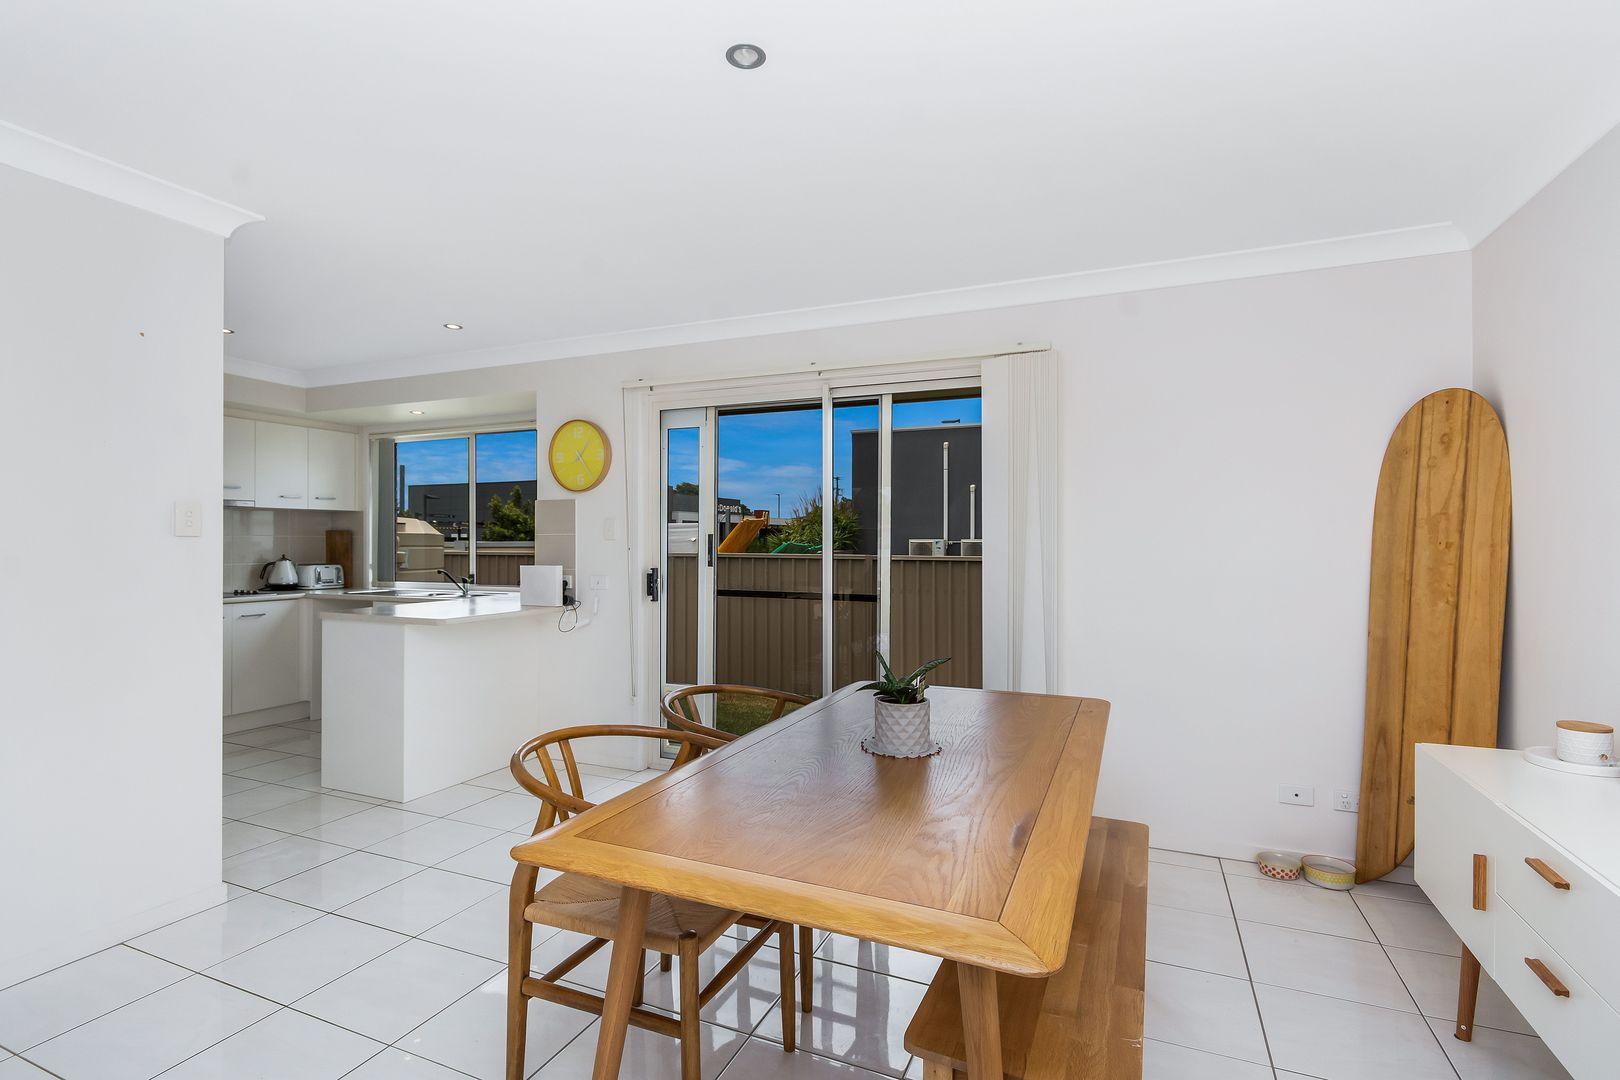 2/24 Kookaburra Court, Yamba NSW 2464, Image 1